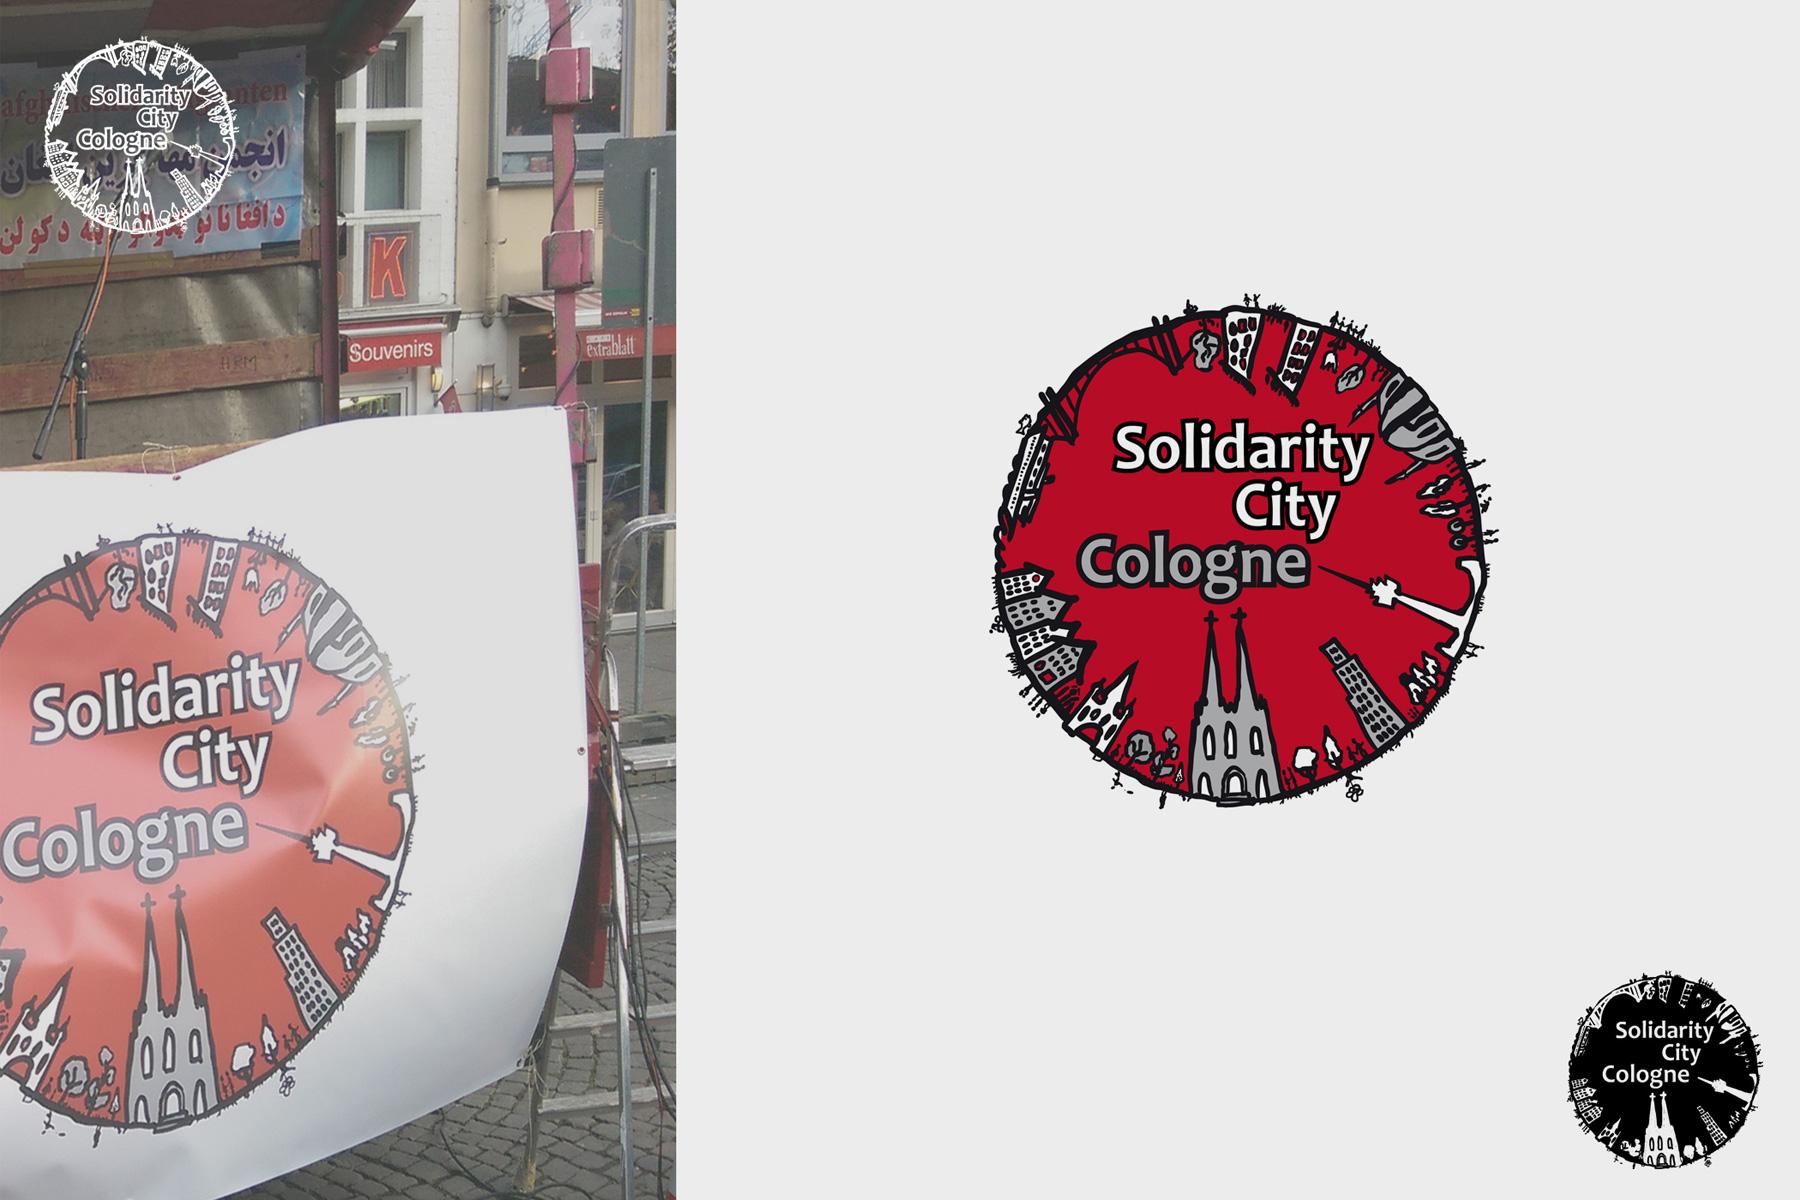 Logoerstellung – Bürgerinitiative